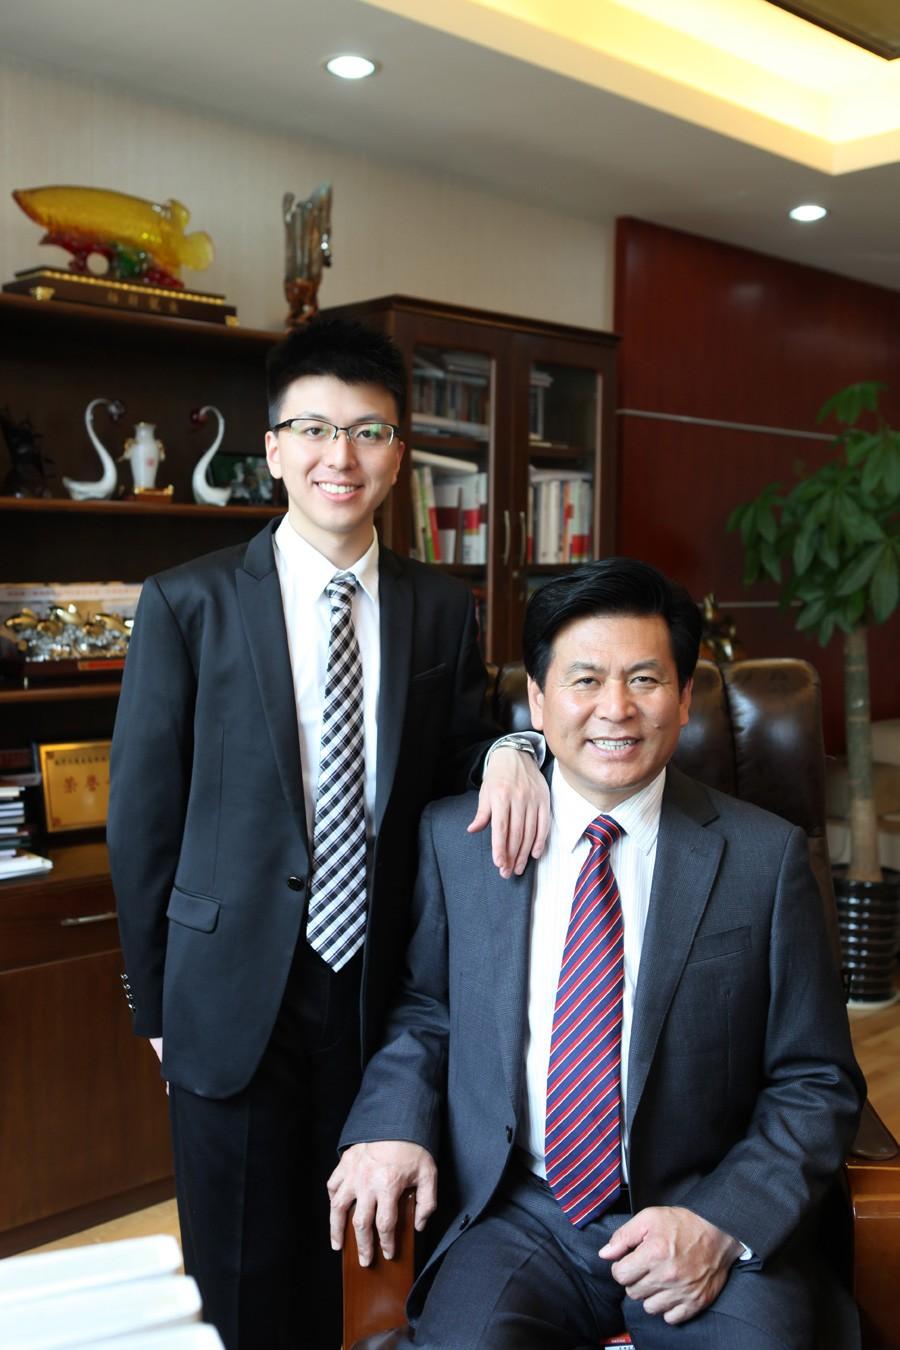 久盛控股集团有限公司董事长张恩玖与总裁张凯1.jpg